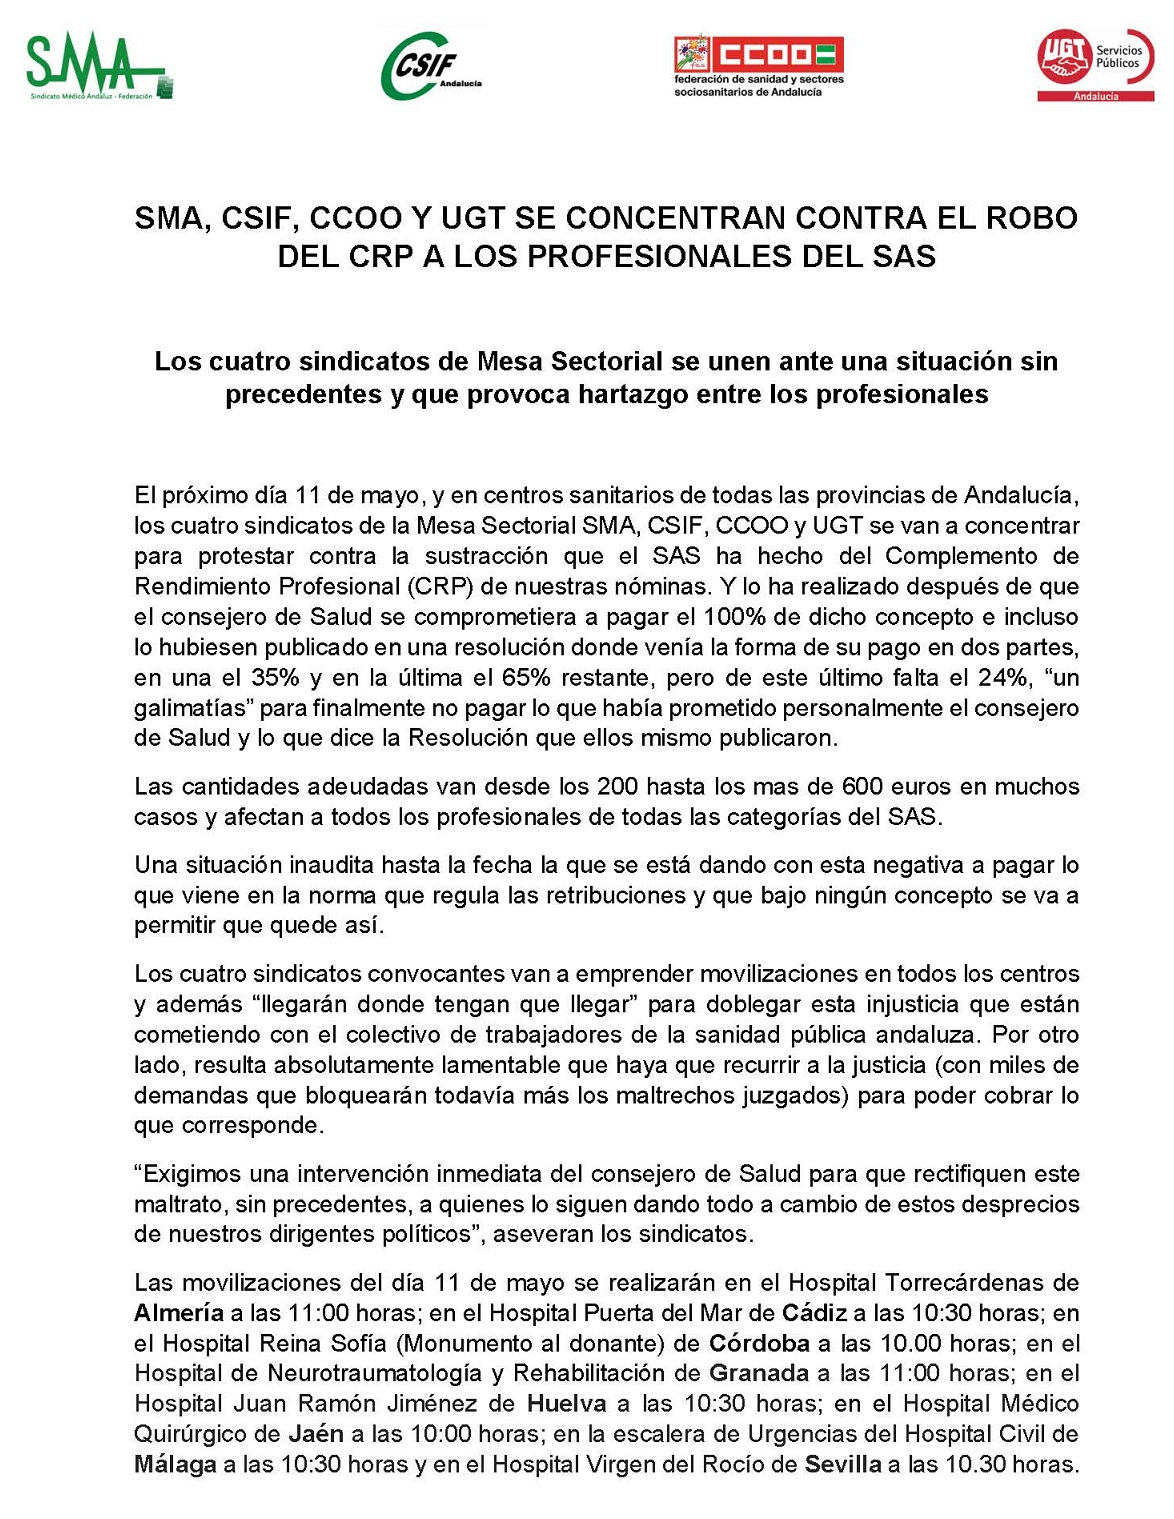 CONCENTRACIÓN CONTRA EL ROBO DEL CRP A LOS PROFESIONALES DEL SAS